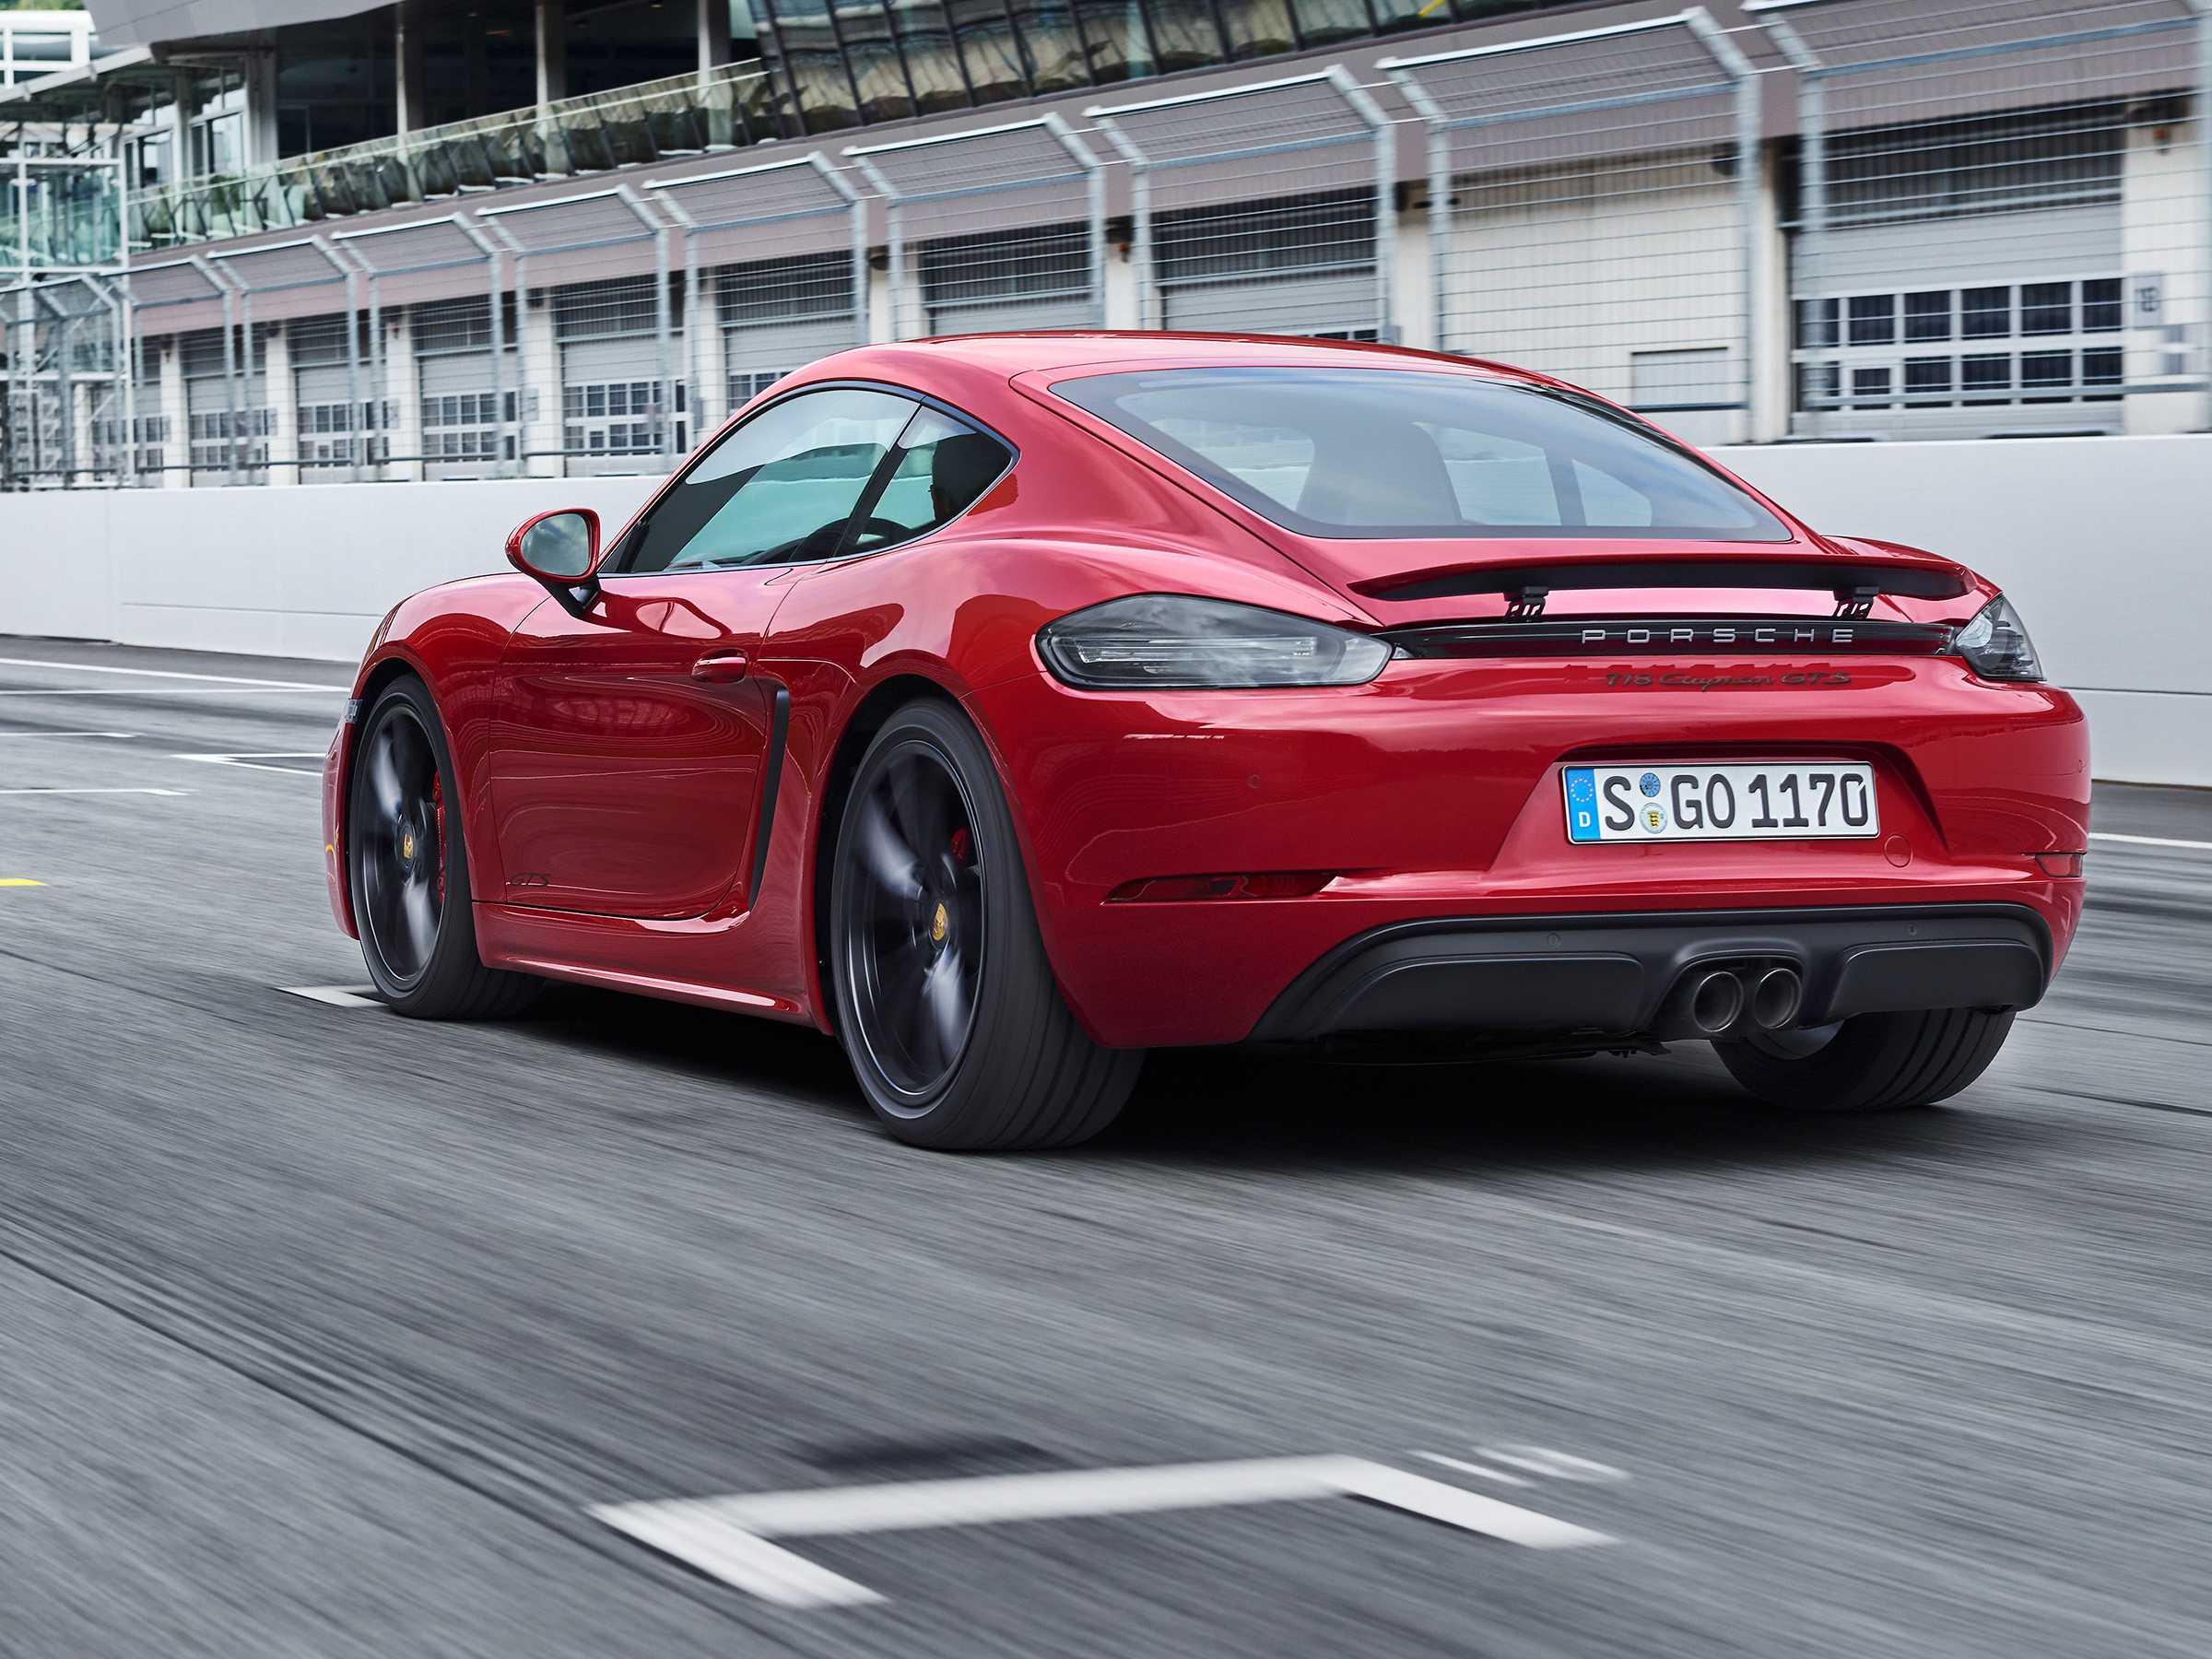 Porsche panamera 2021 года   фото, цены и комплектации новой модели » the-drive - полезный сайт для автолюбителей